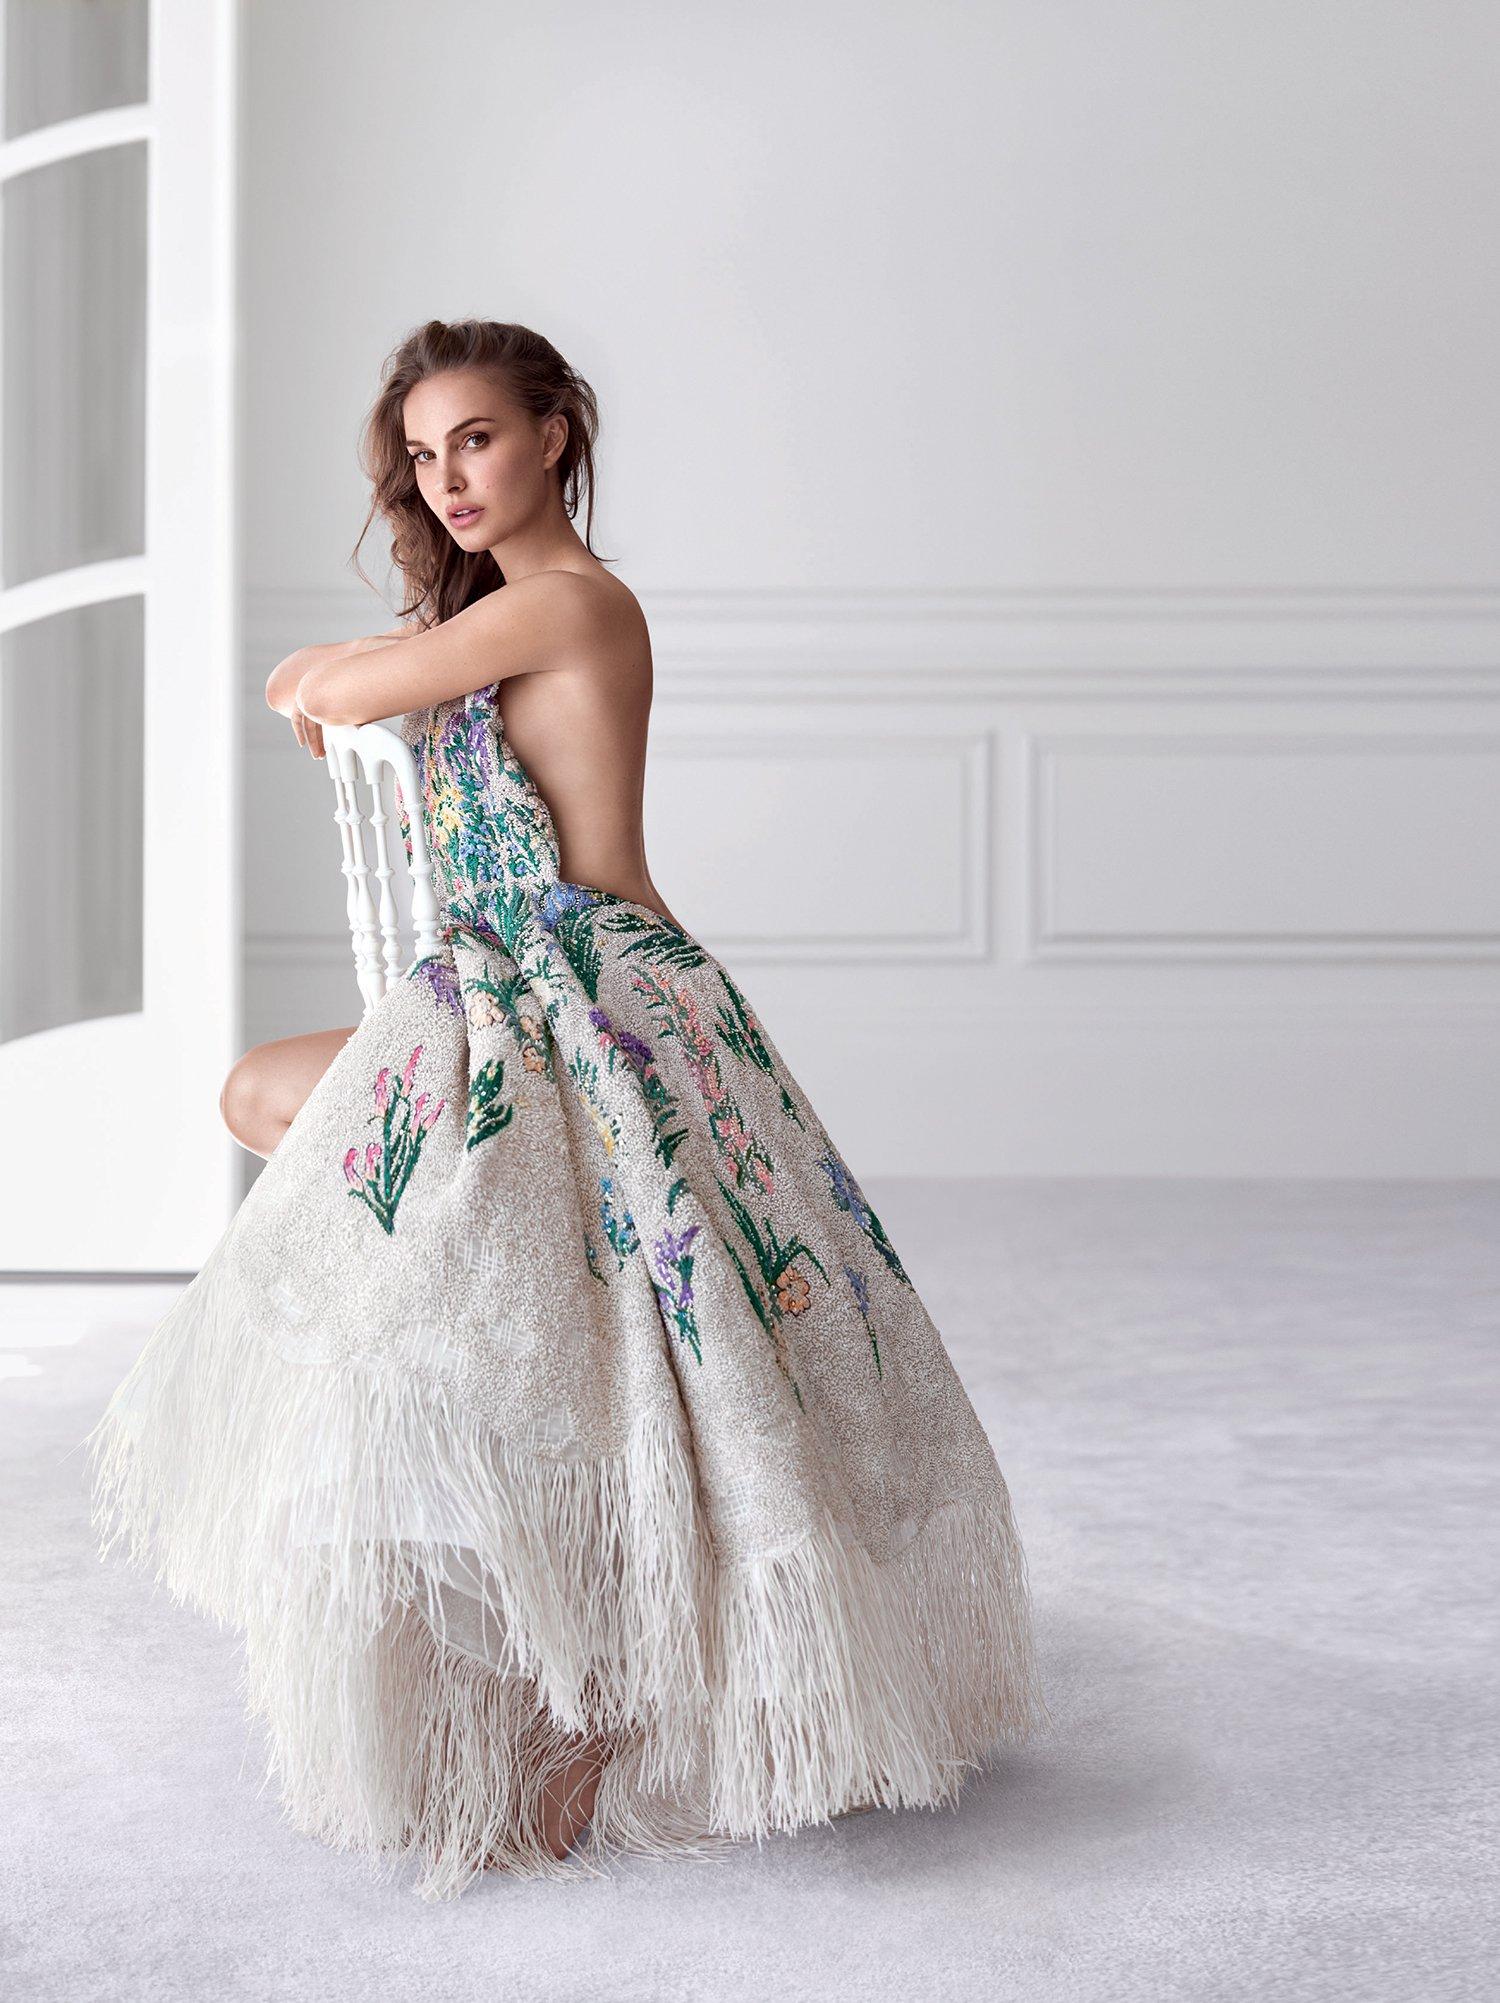 Dior Natalie Portman Com